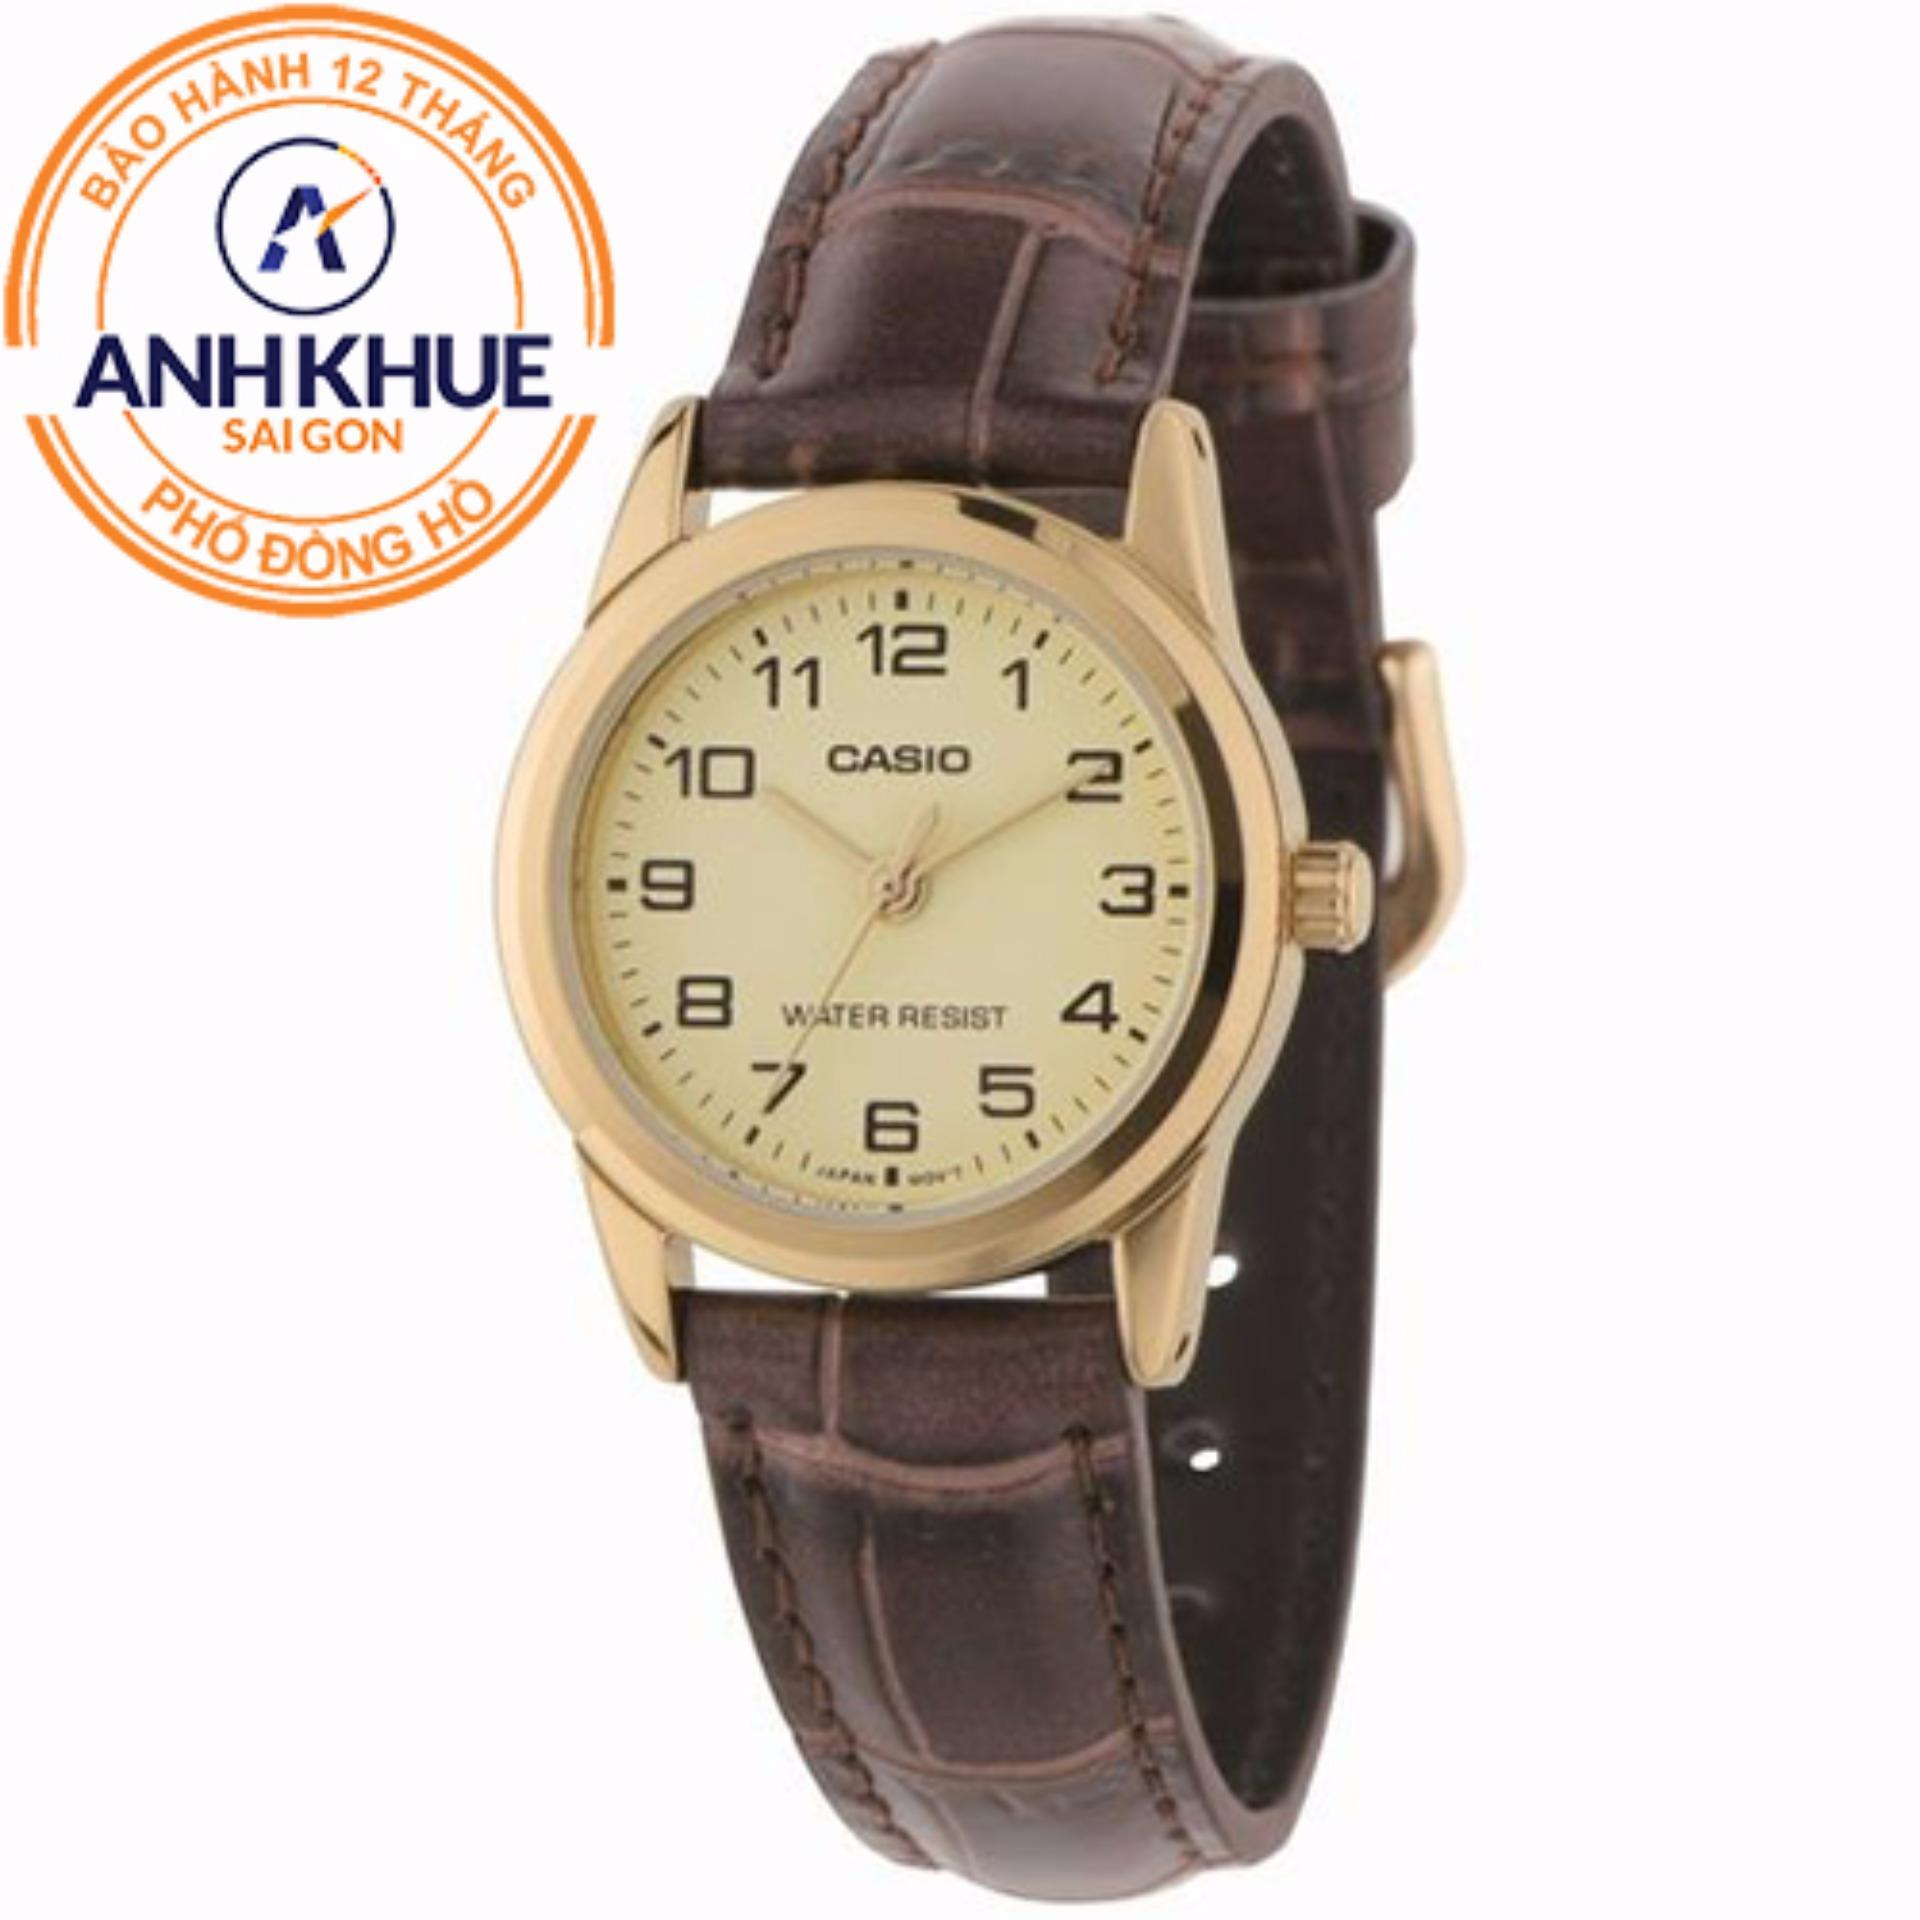 Đồng hồ nữ dây da Casio Anh Khuê LTP-V001GL-9BUDF